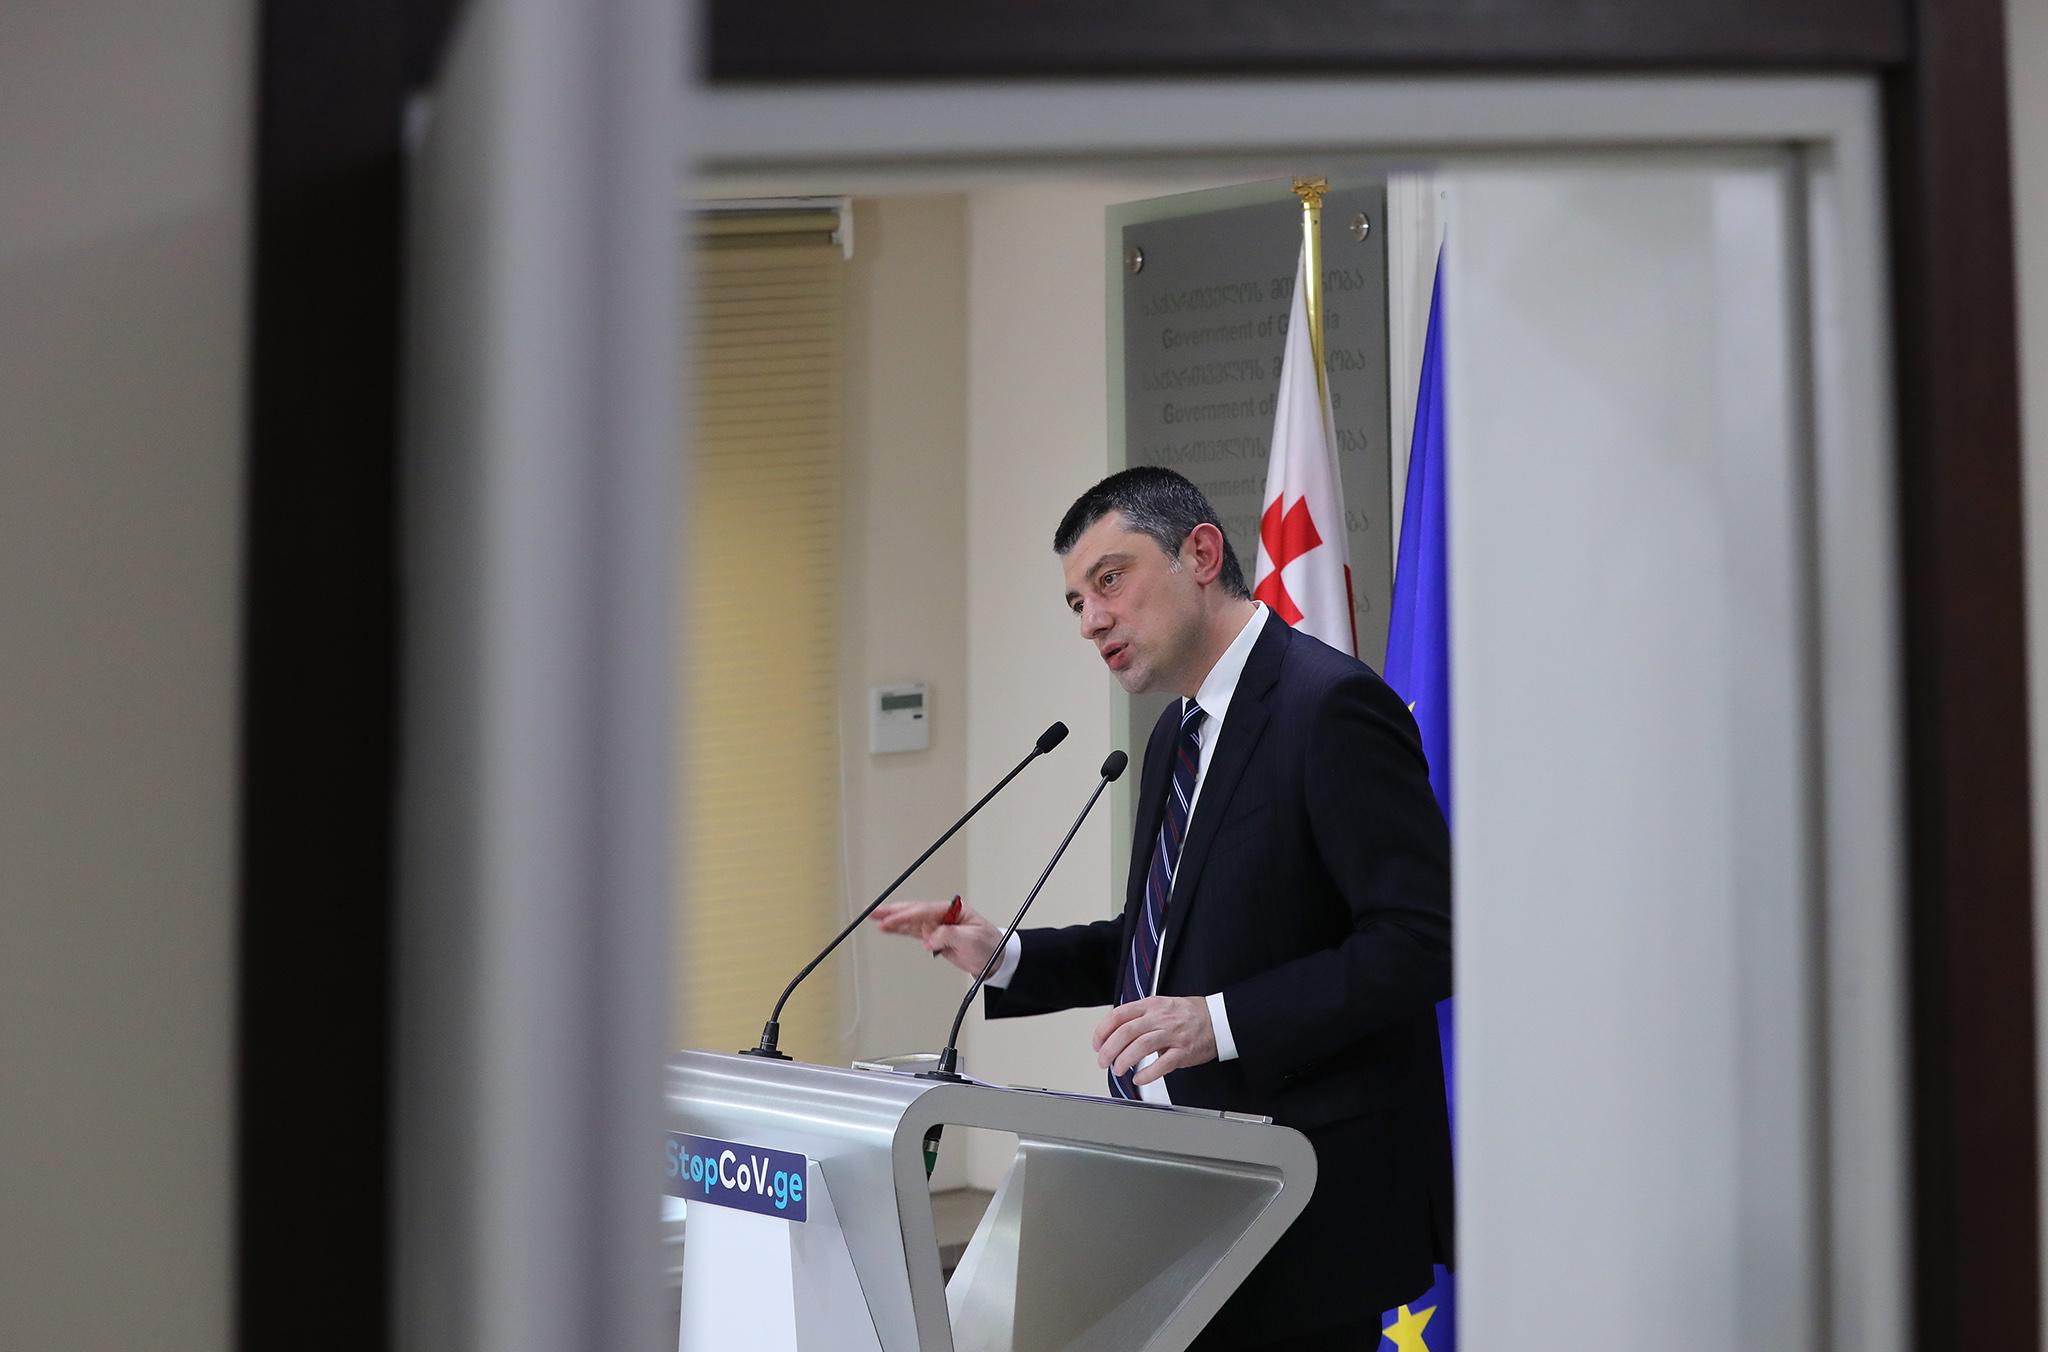 Giorgi Gakharia 28 2 #новости Выборы 2020, Георгий Гахария, Грузинская мечта, премьер-министр